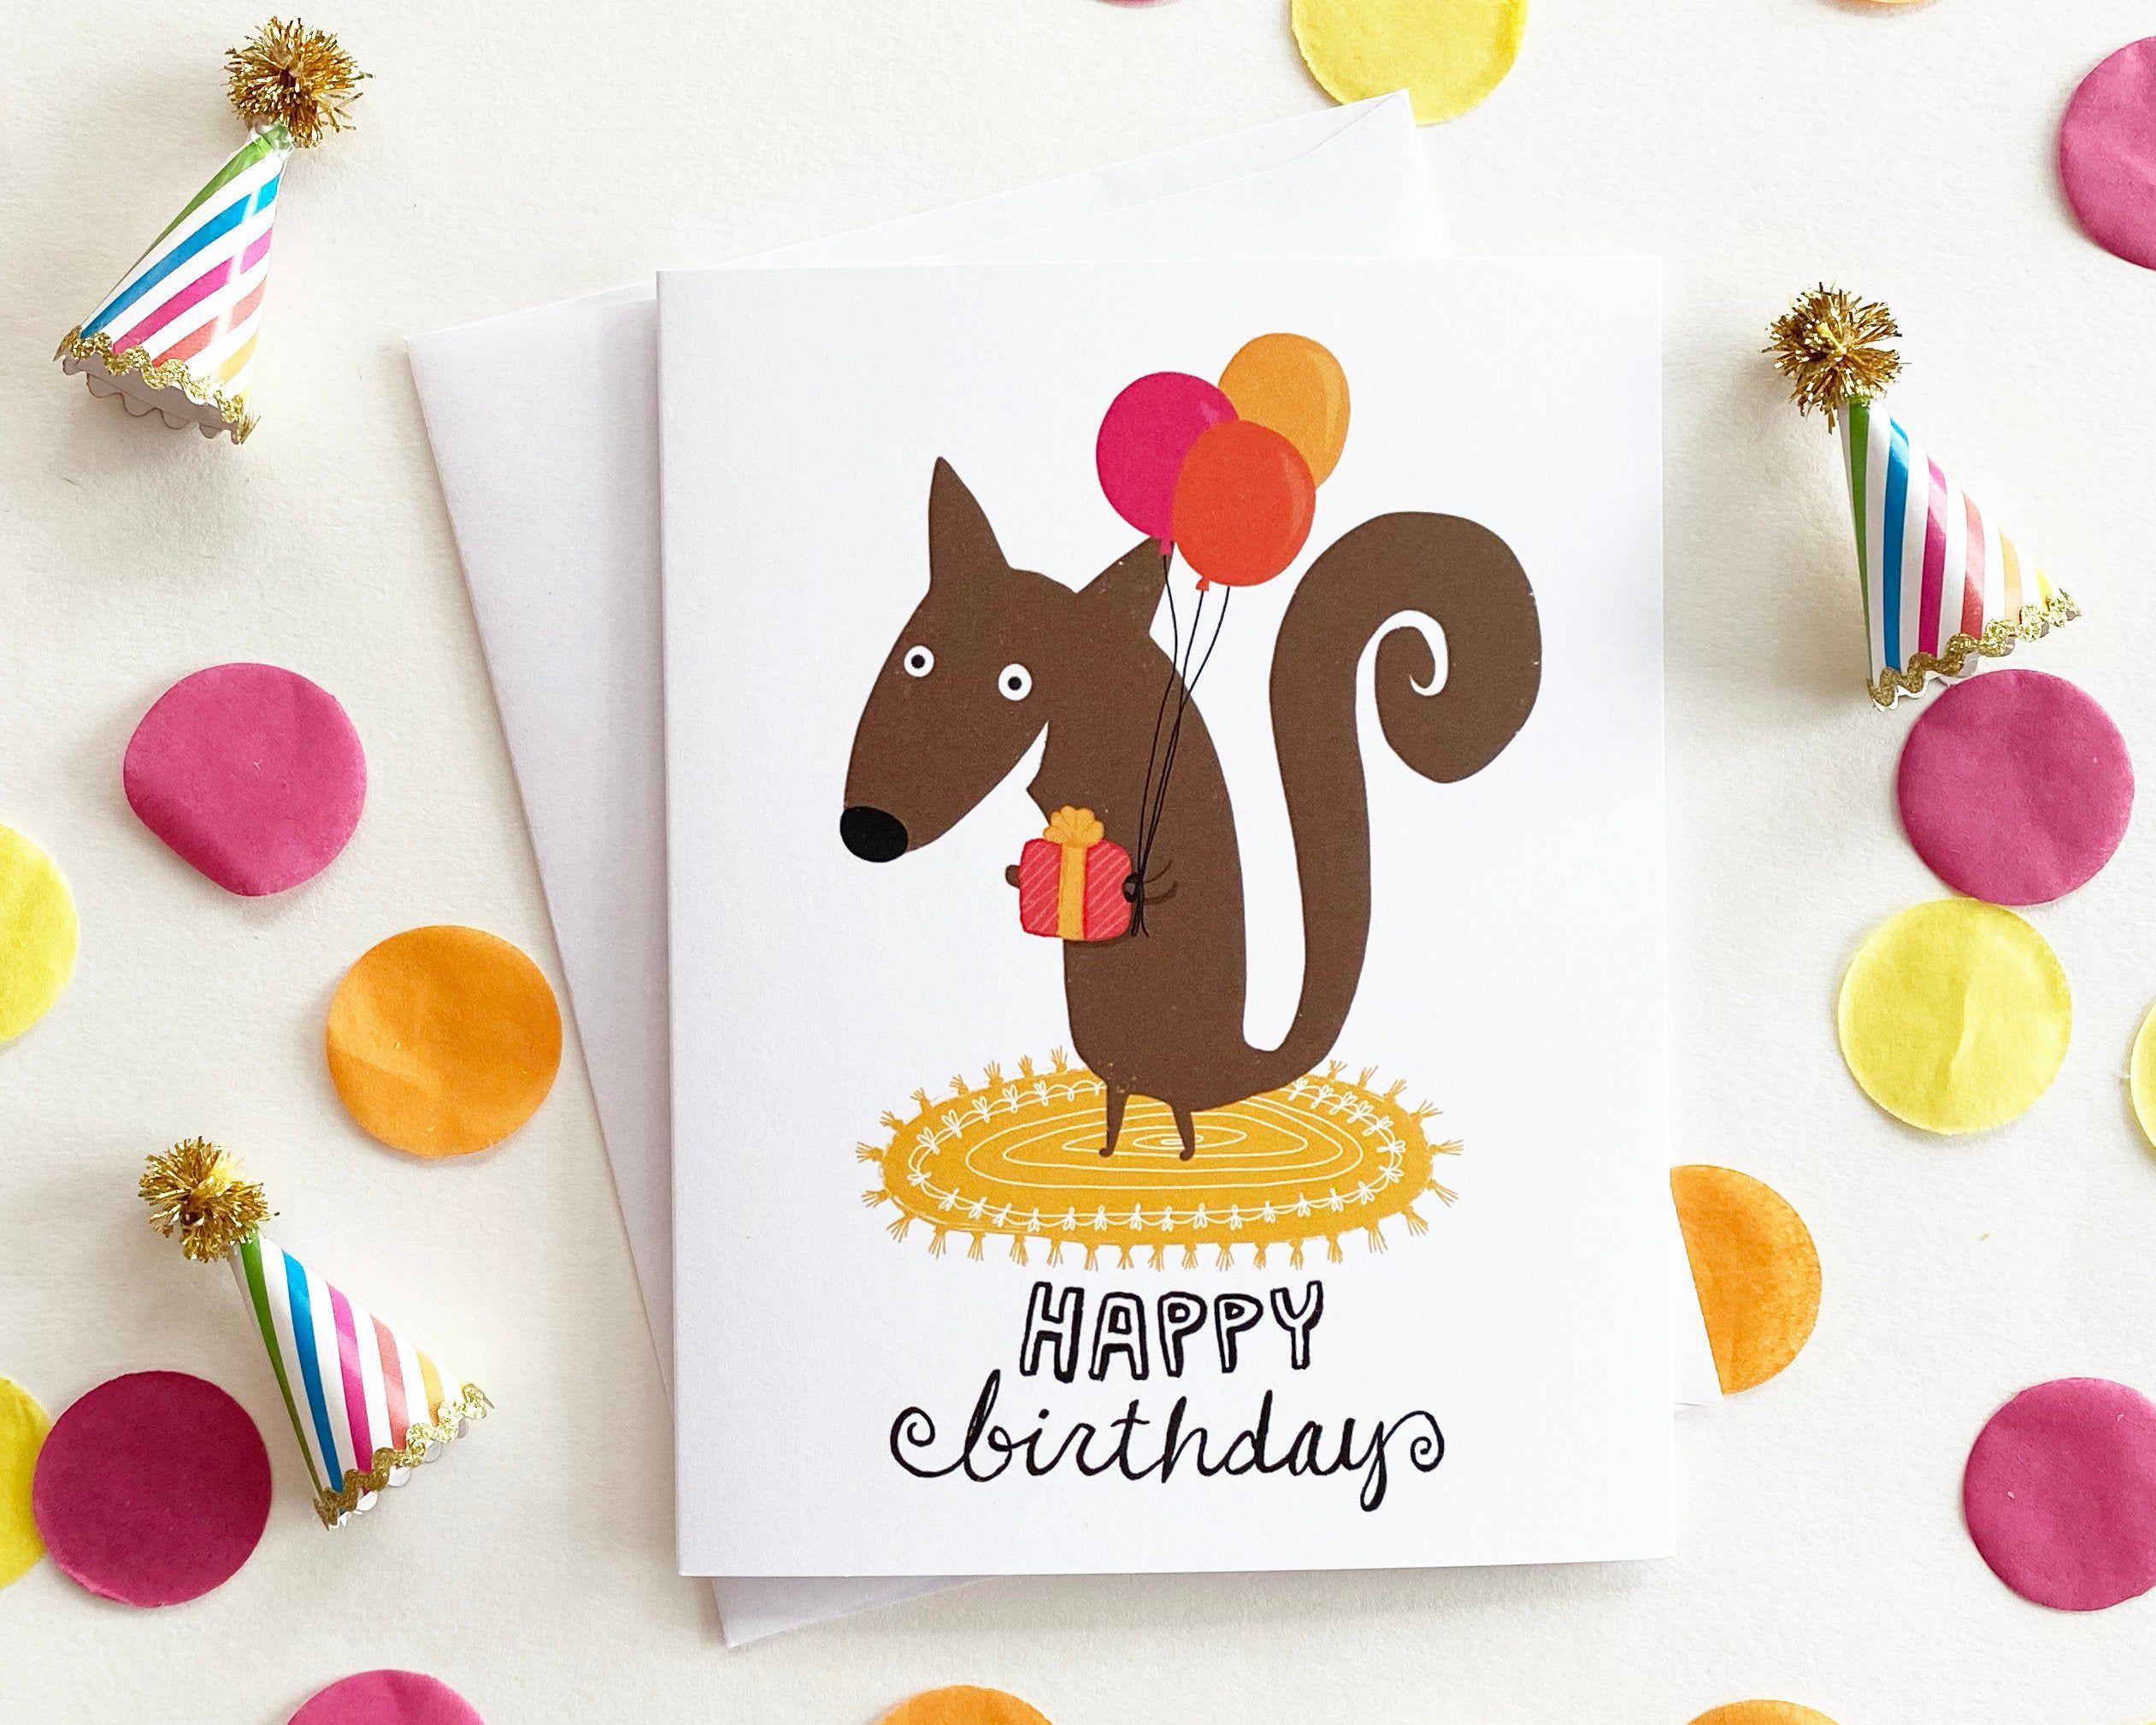 Squirrel Birthday Card Cute Birthday Card Funny Animal Etsy Cute Birthday Cards Kids Birthday Cards Birthday Cards